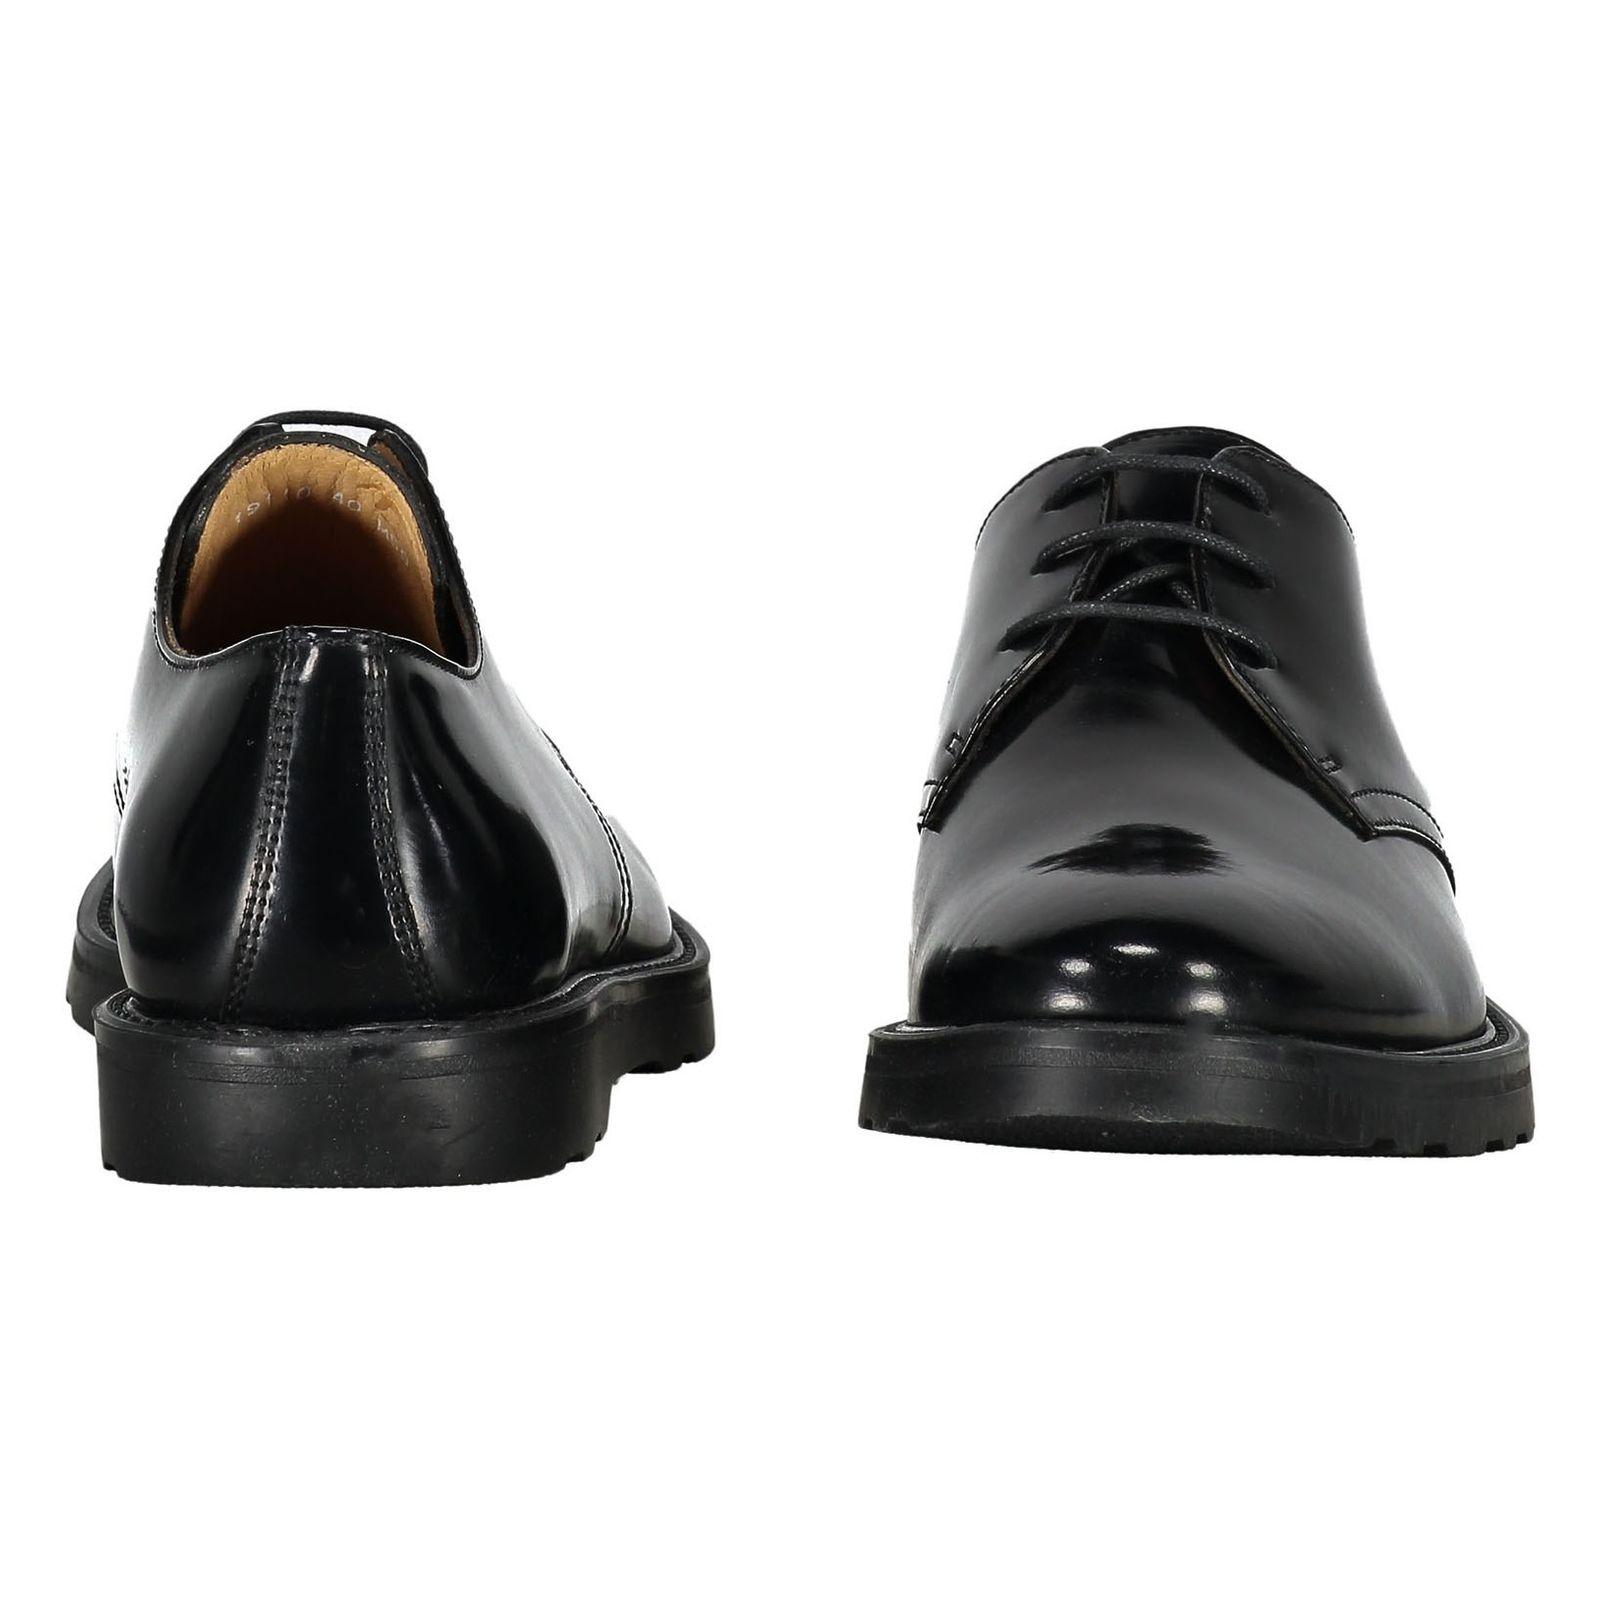 کفش چرم رسمی مردانه - سولدینی - مشکي  - 5